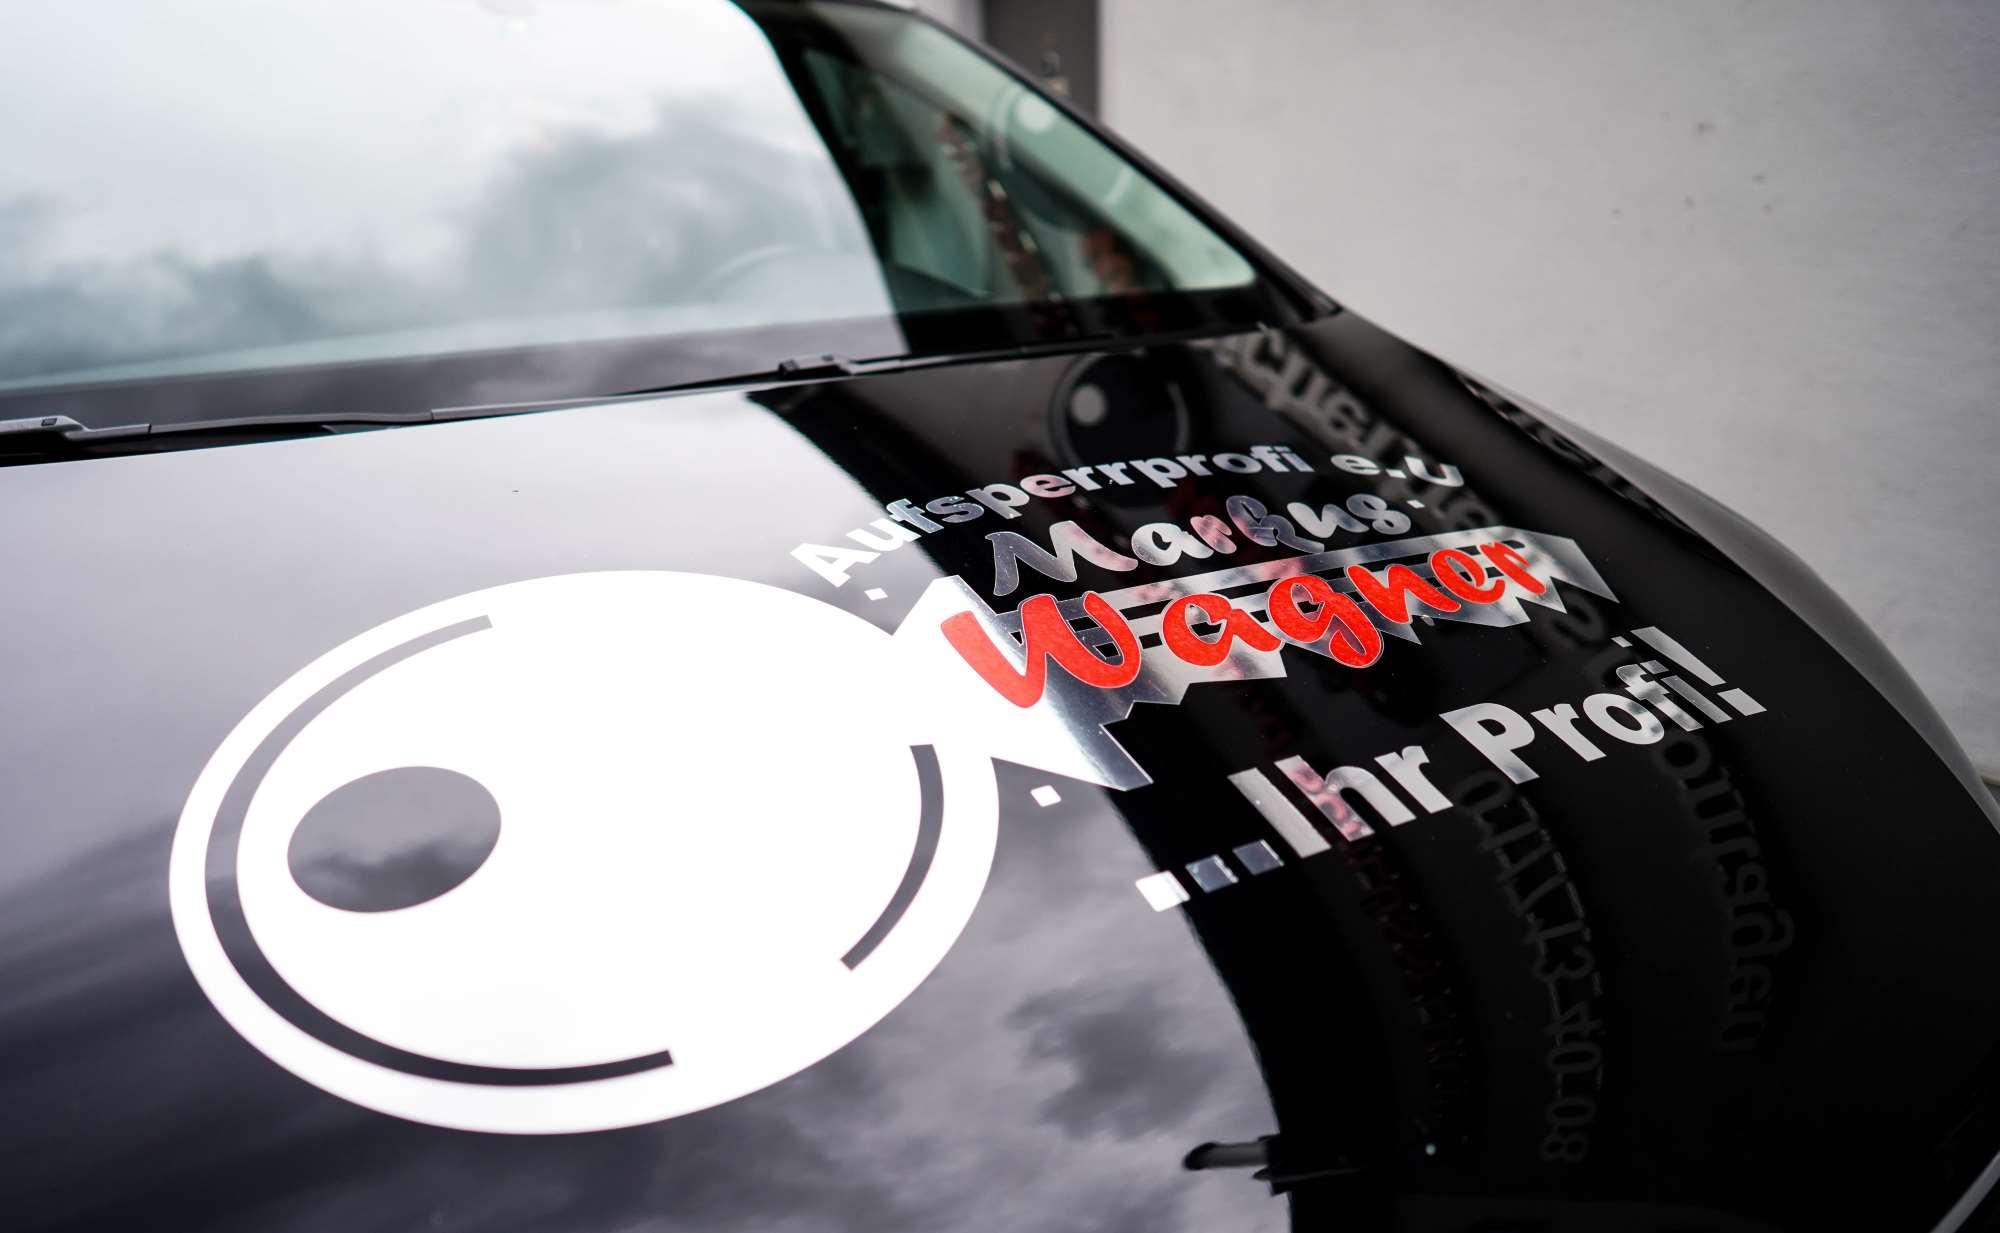 Aufsperrprofi e.U. | Tresor aufsperren Wien